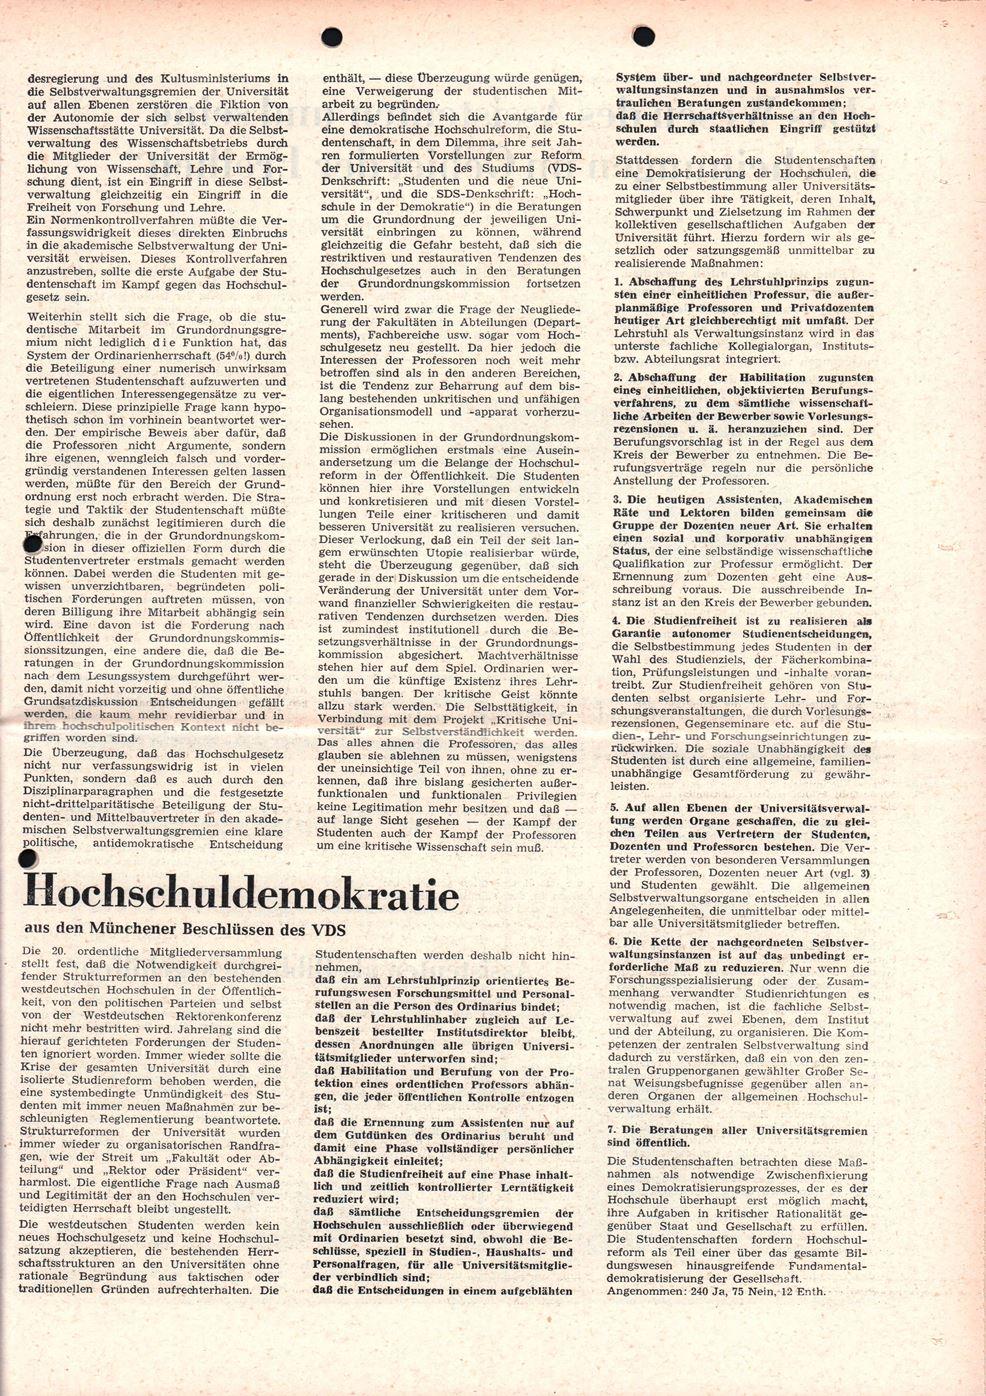 Heidelberg_1968_523